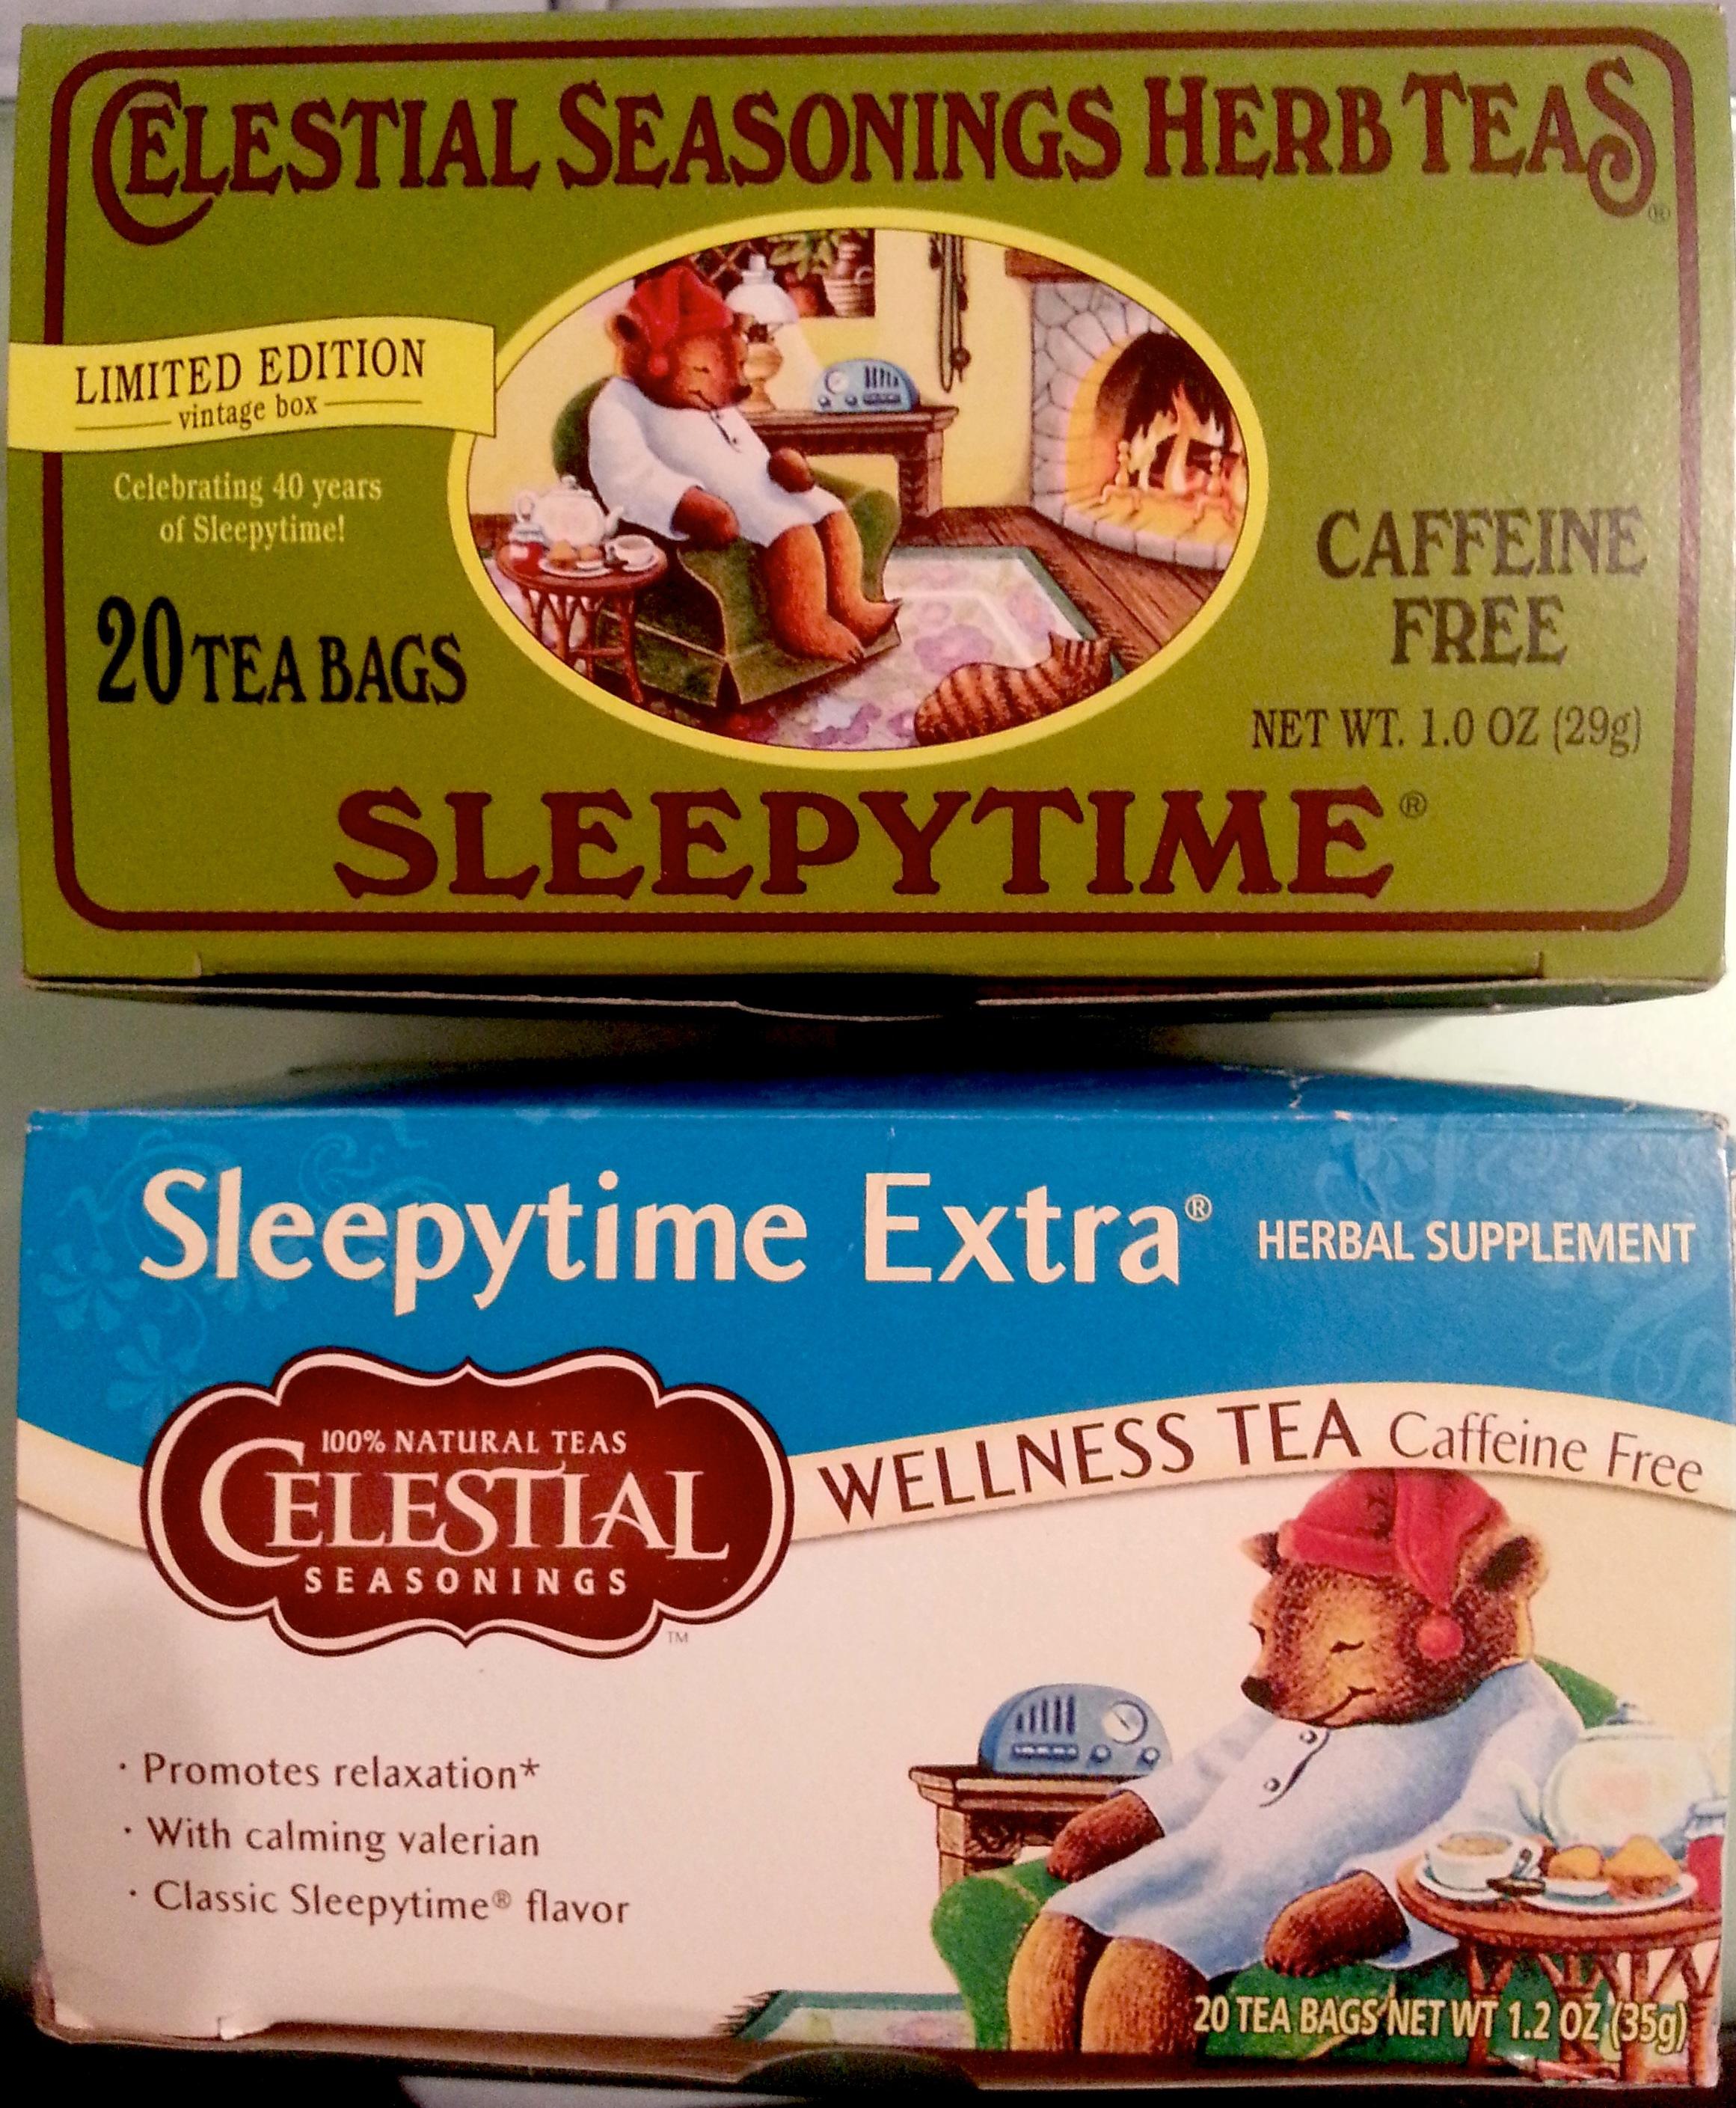 celestial seasonings sleepytime tea | burgesslinds